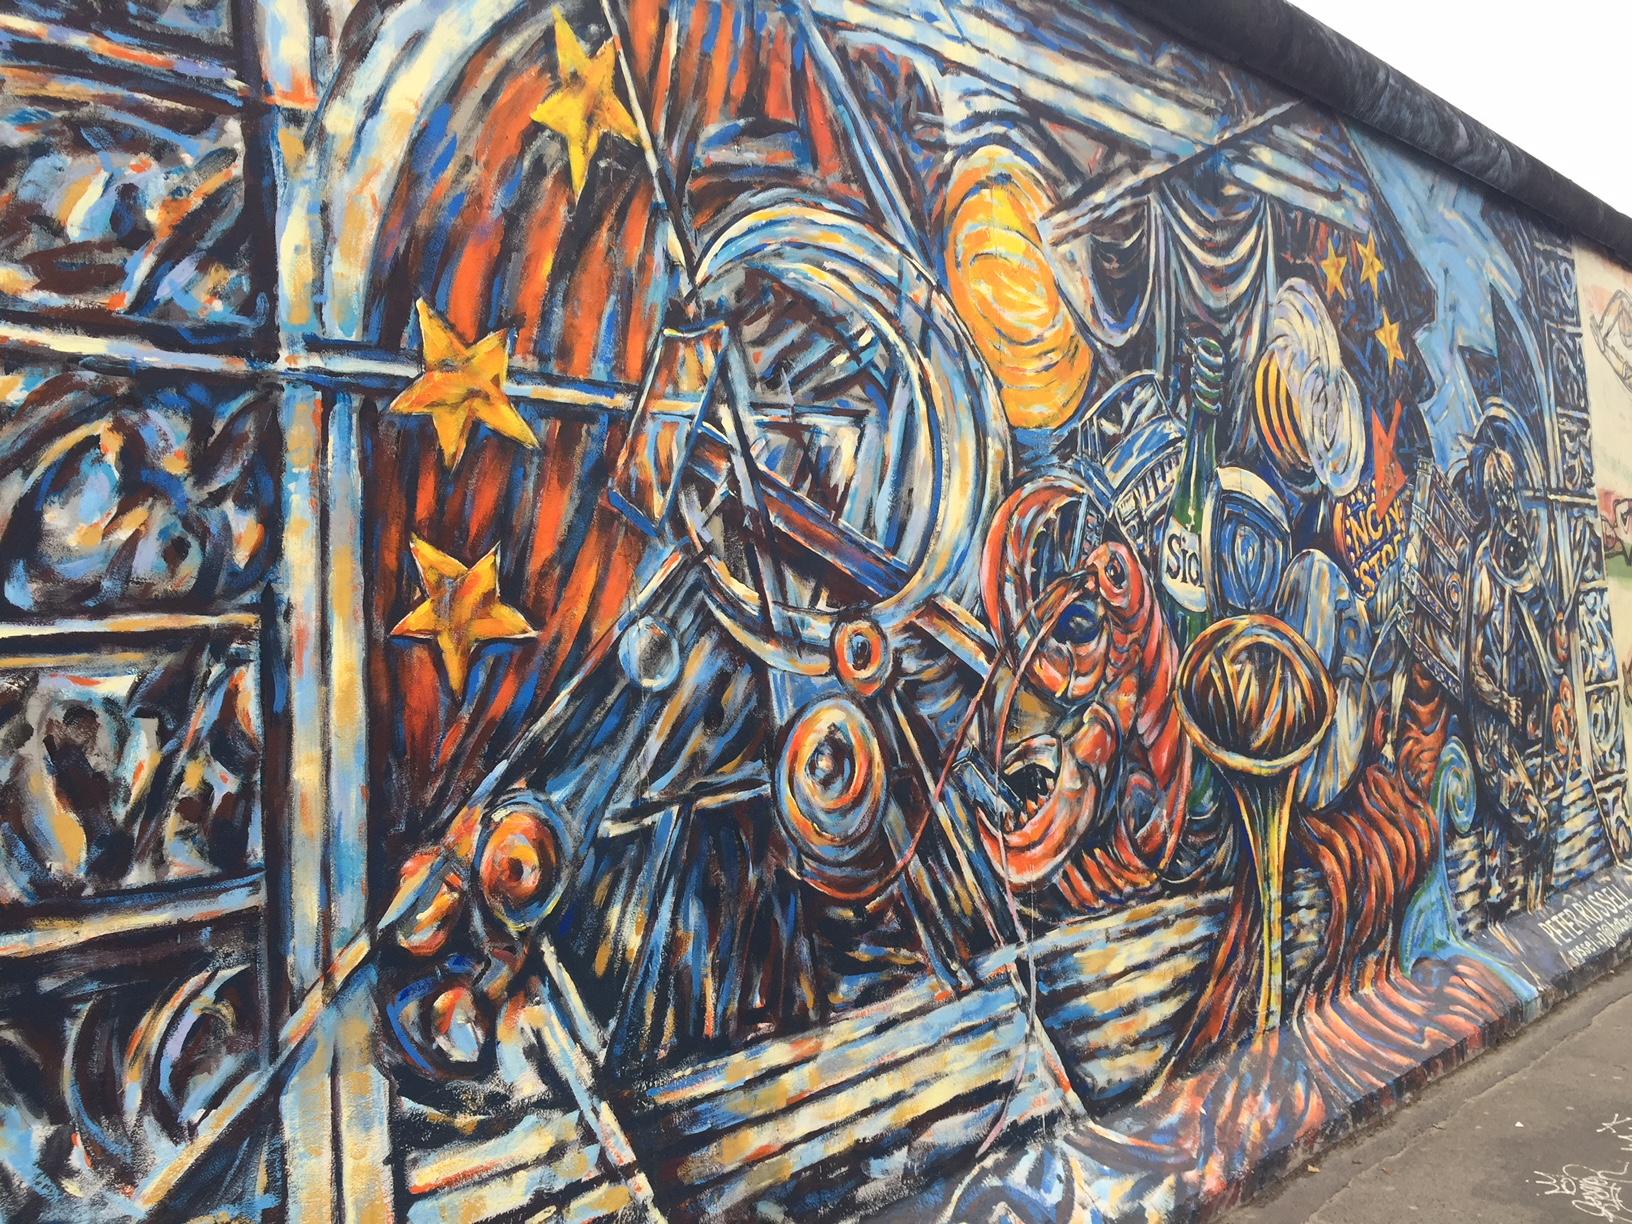 East Side Gallery, Berlín, Alemania